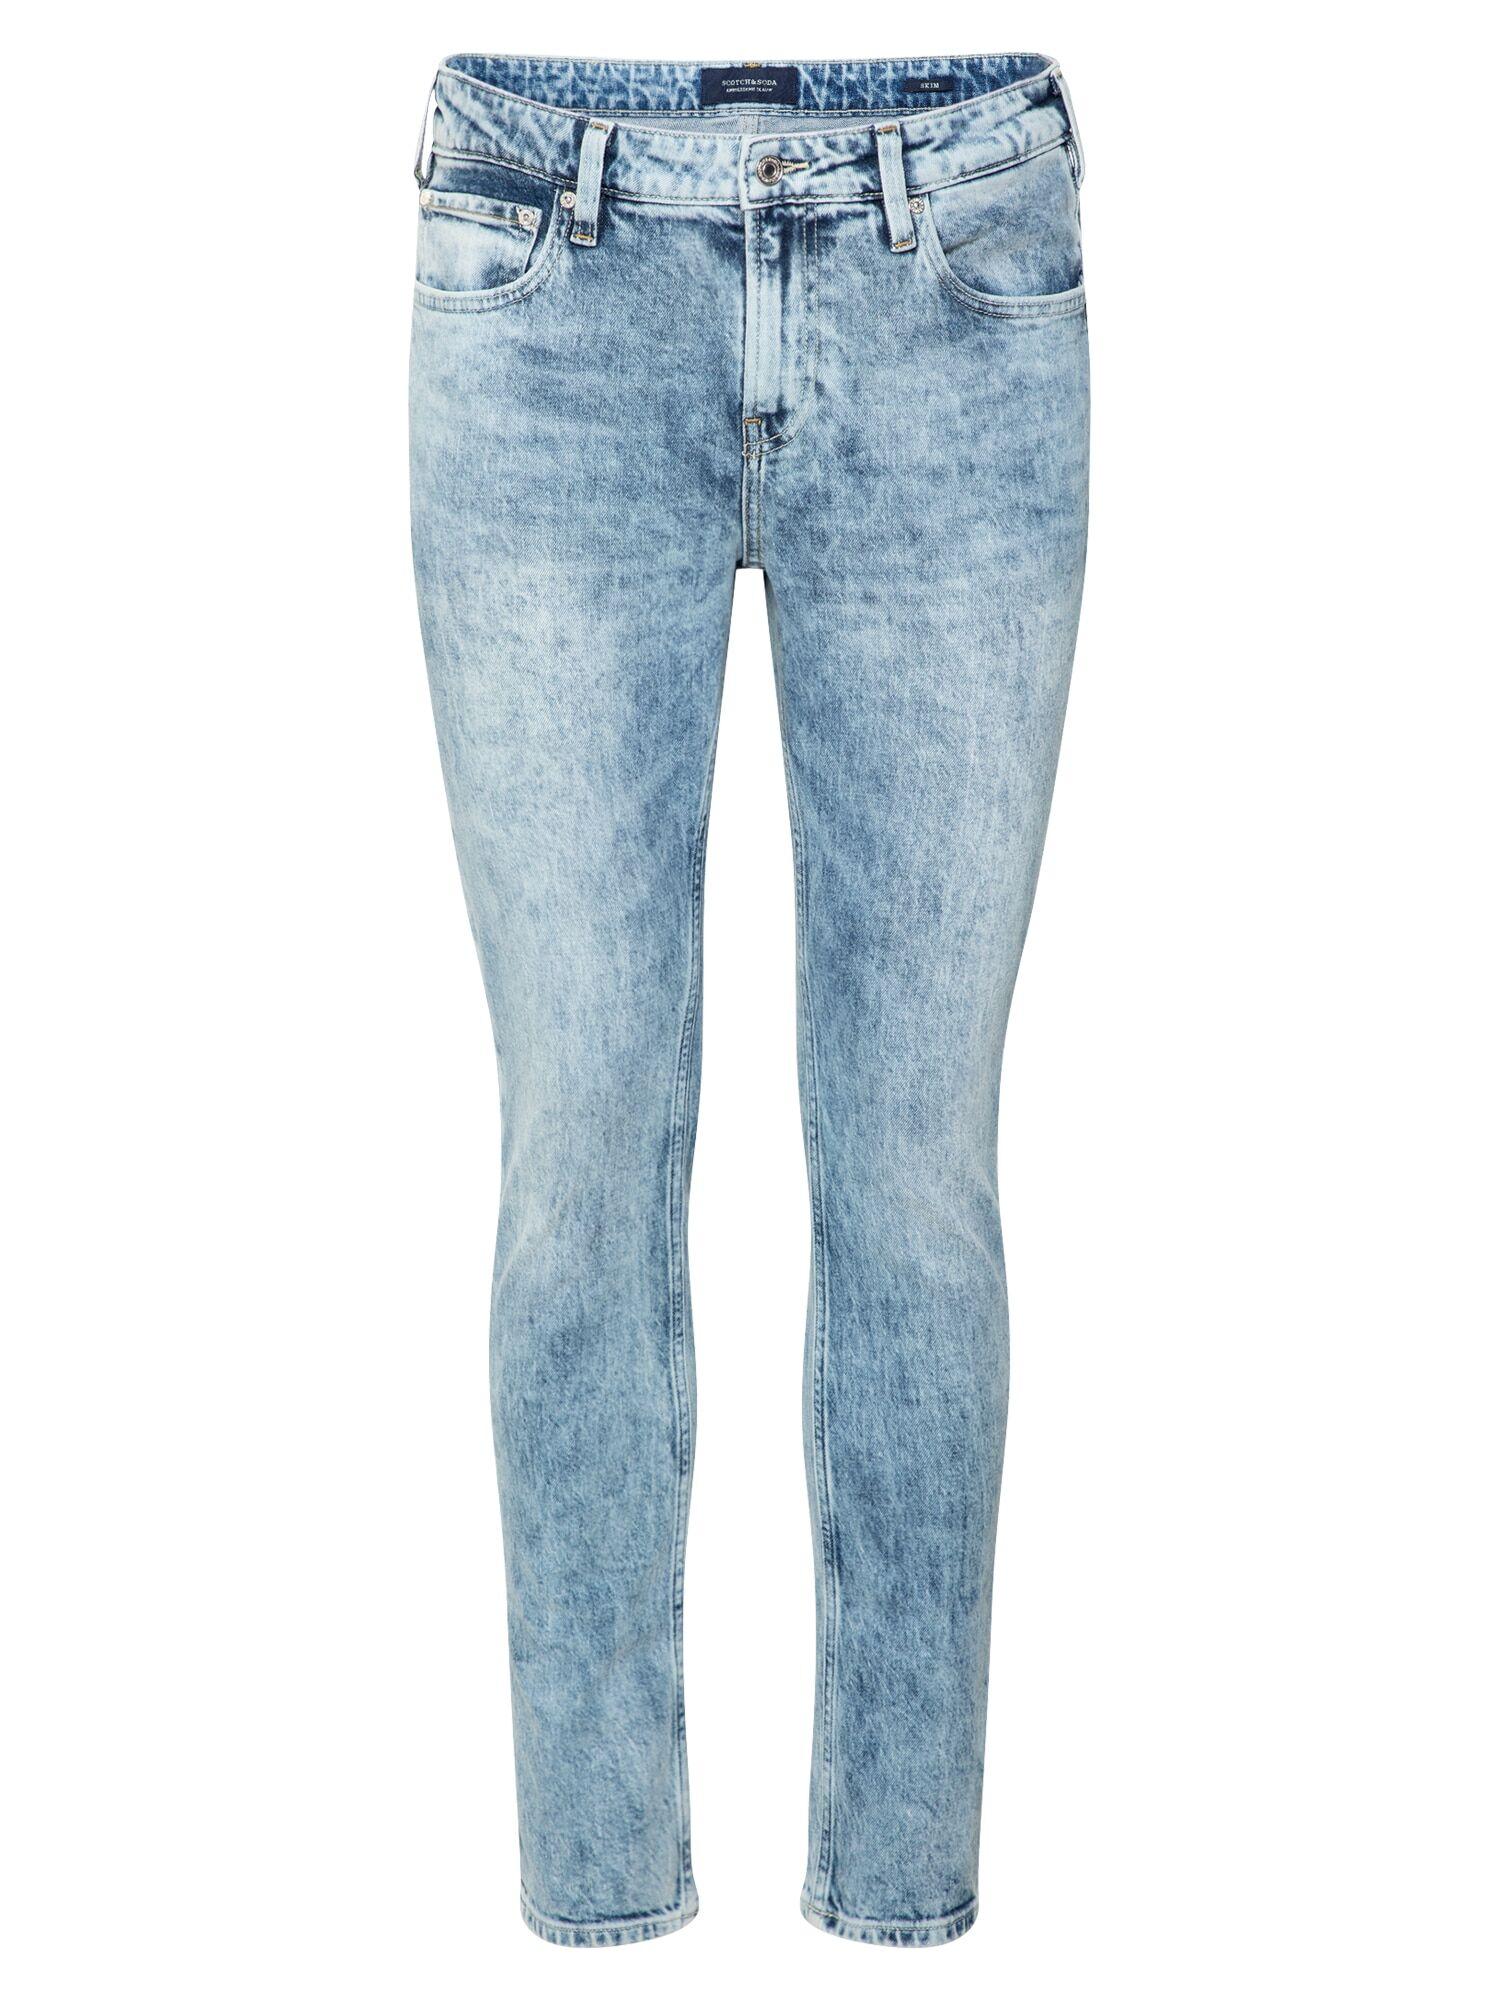 SCOTCH & SODA Jean 'Timeworn'  - Bleu - Taille: 31 - male